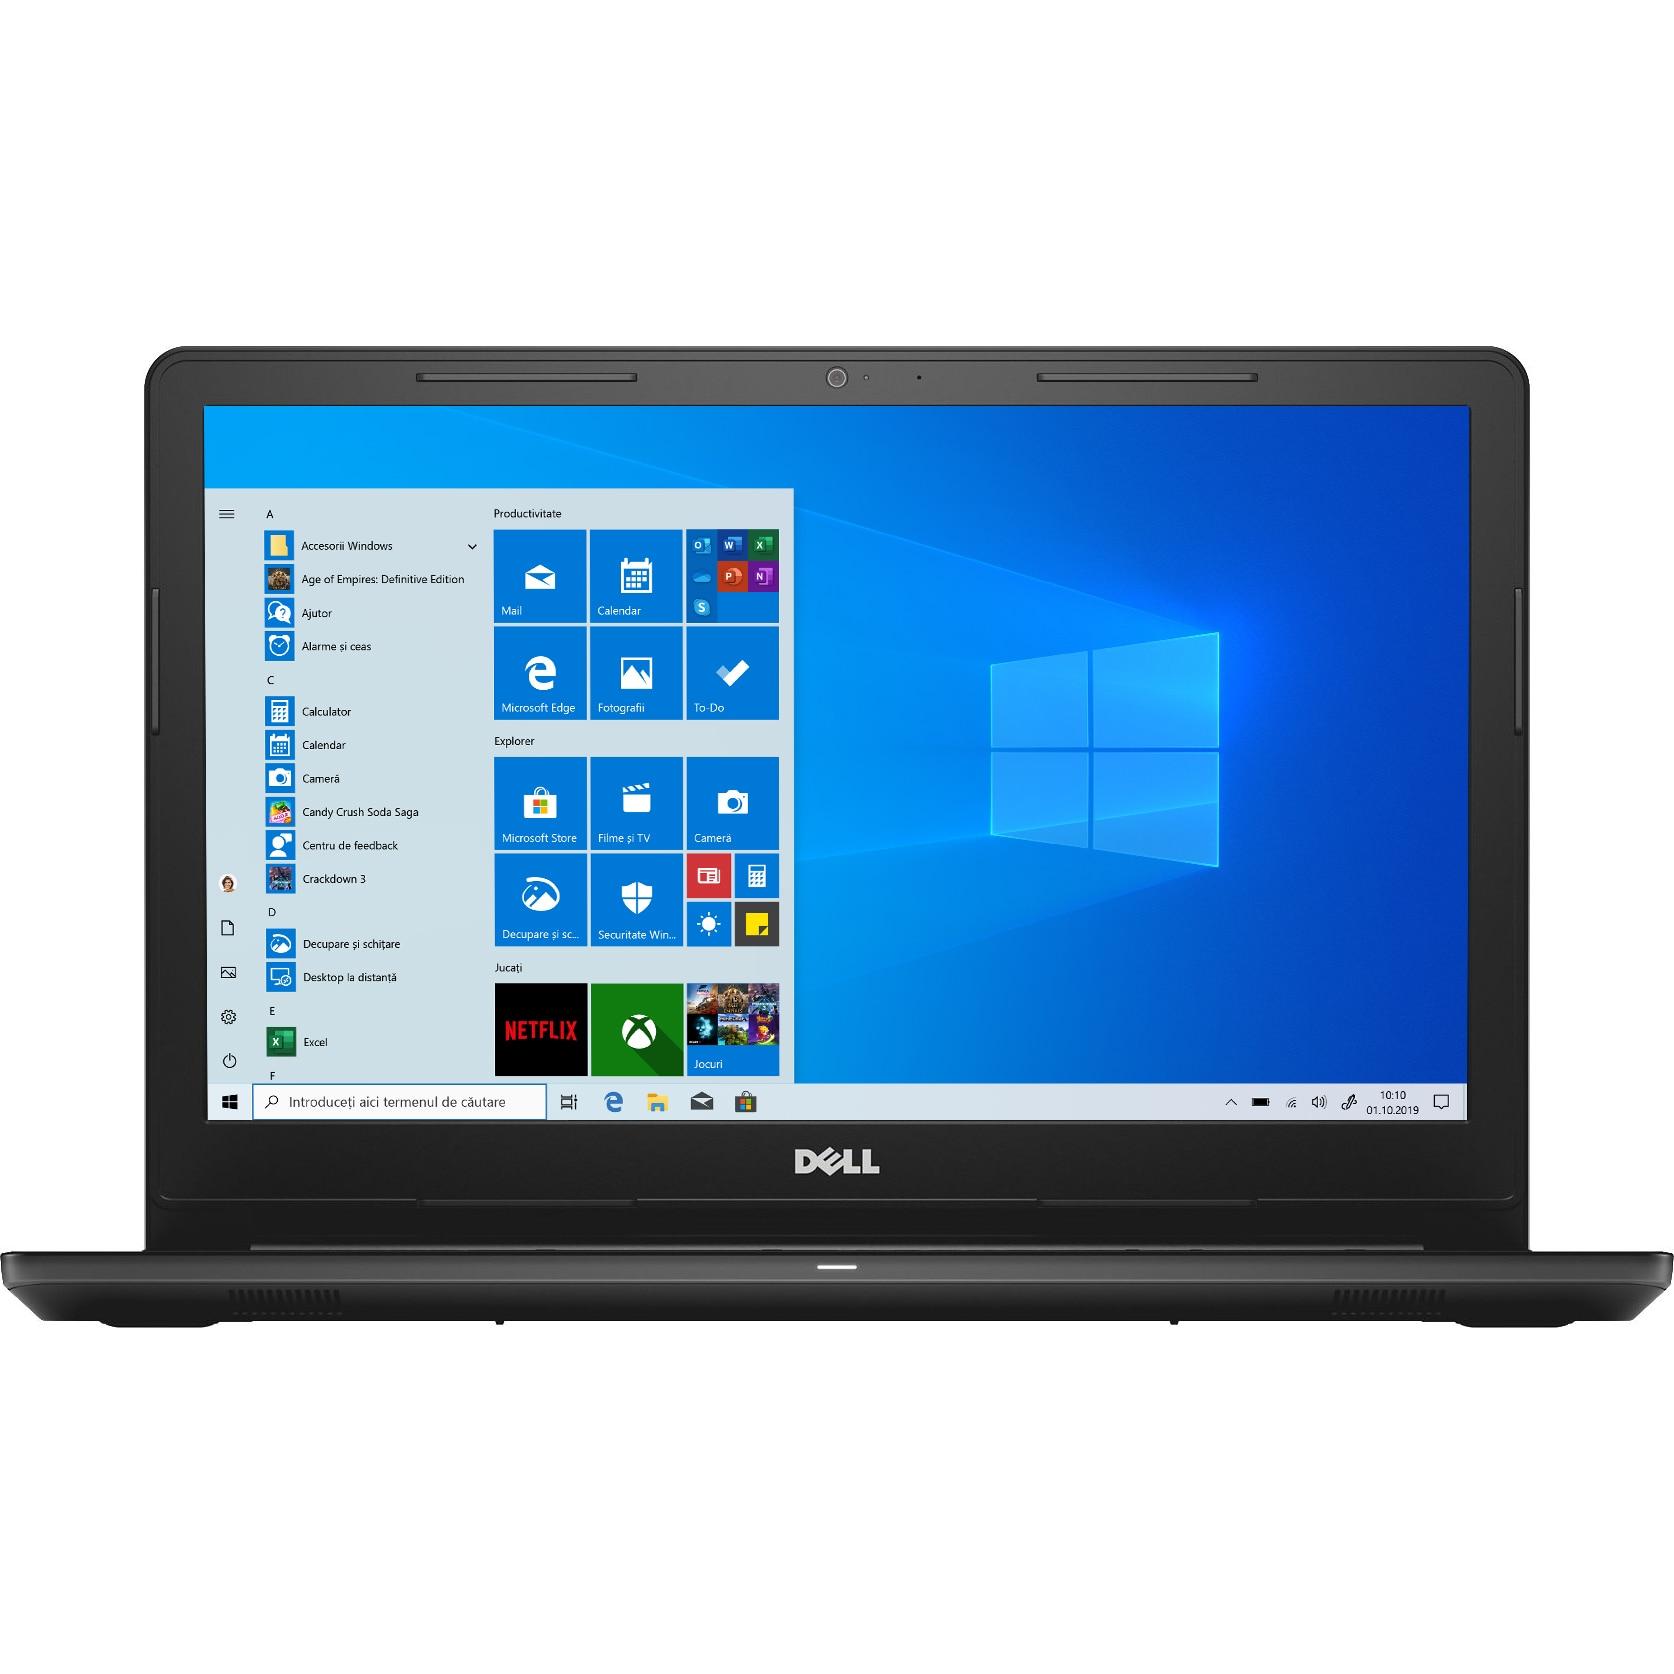 """Fotografie Laptop Dell Inspiron 3576 cu procesor Intel® Core™ i5-8250U pana la 3.40 GHz, 15.6"""", Full HD, 8GB, 256GB SSD, AMD Radeon 520 2GB, Microsoft Windows 10, Black"""